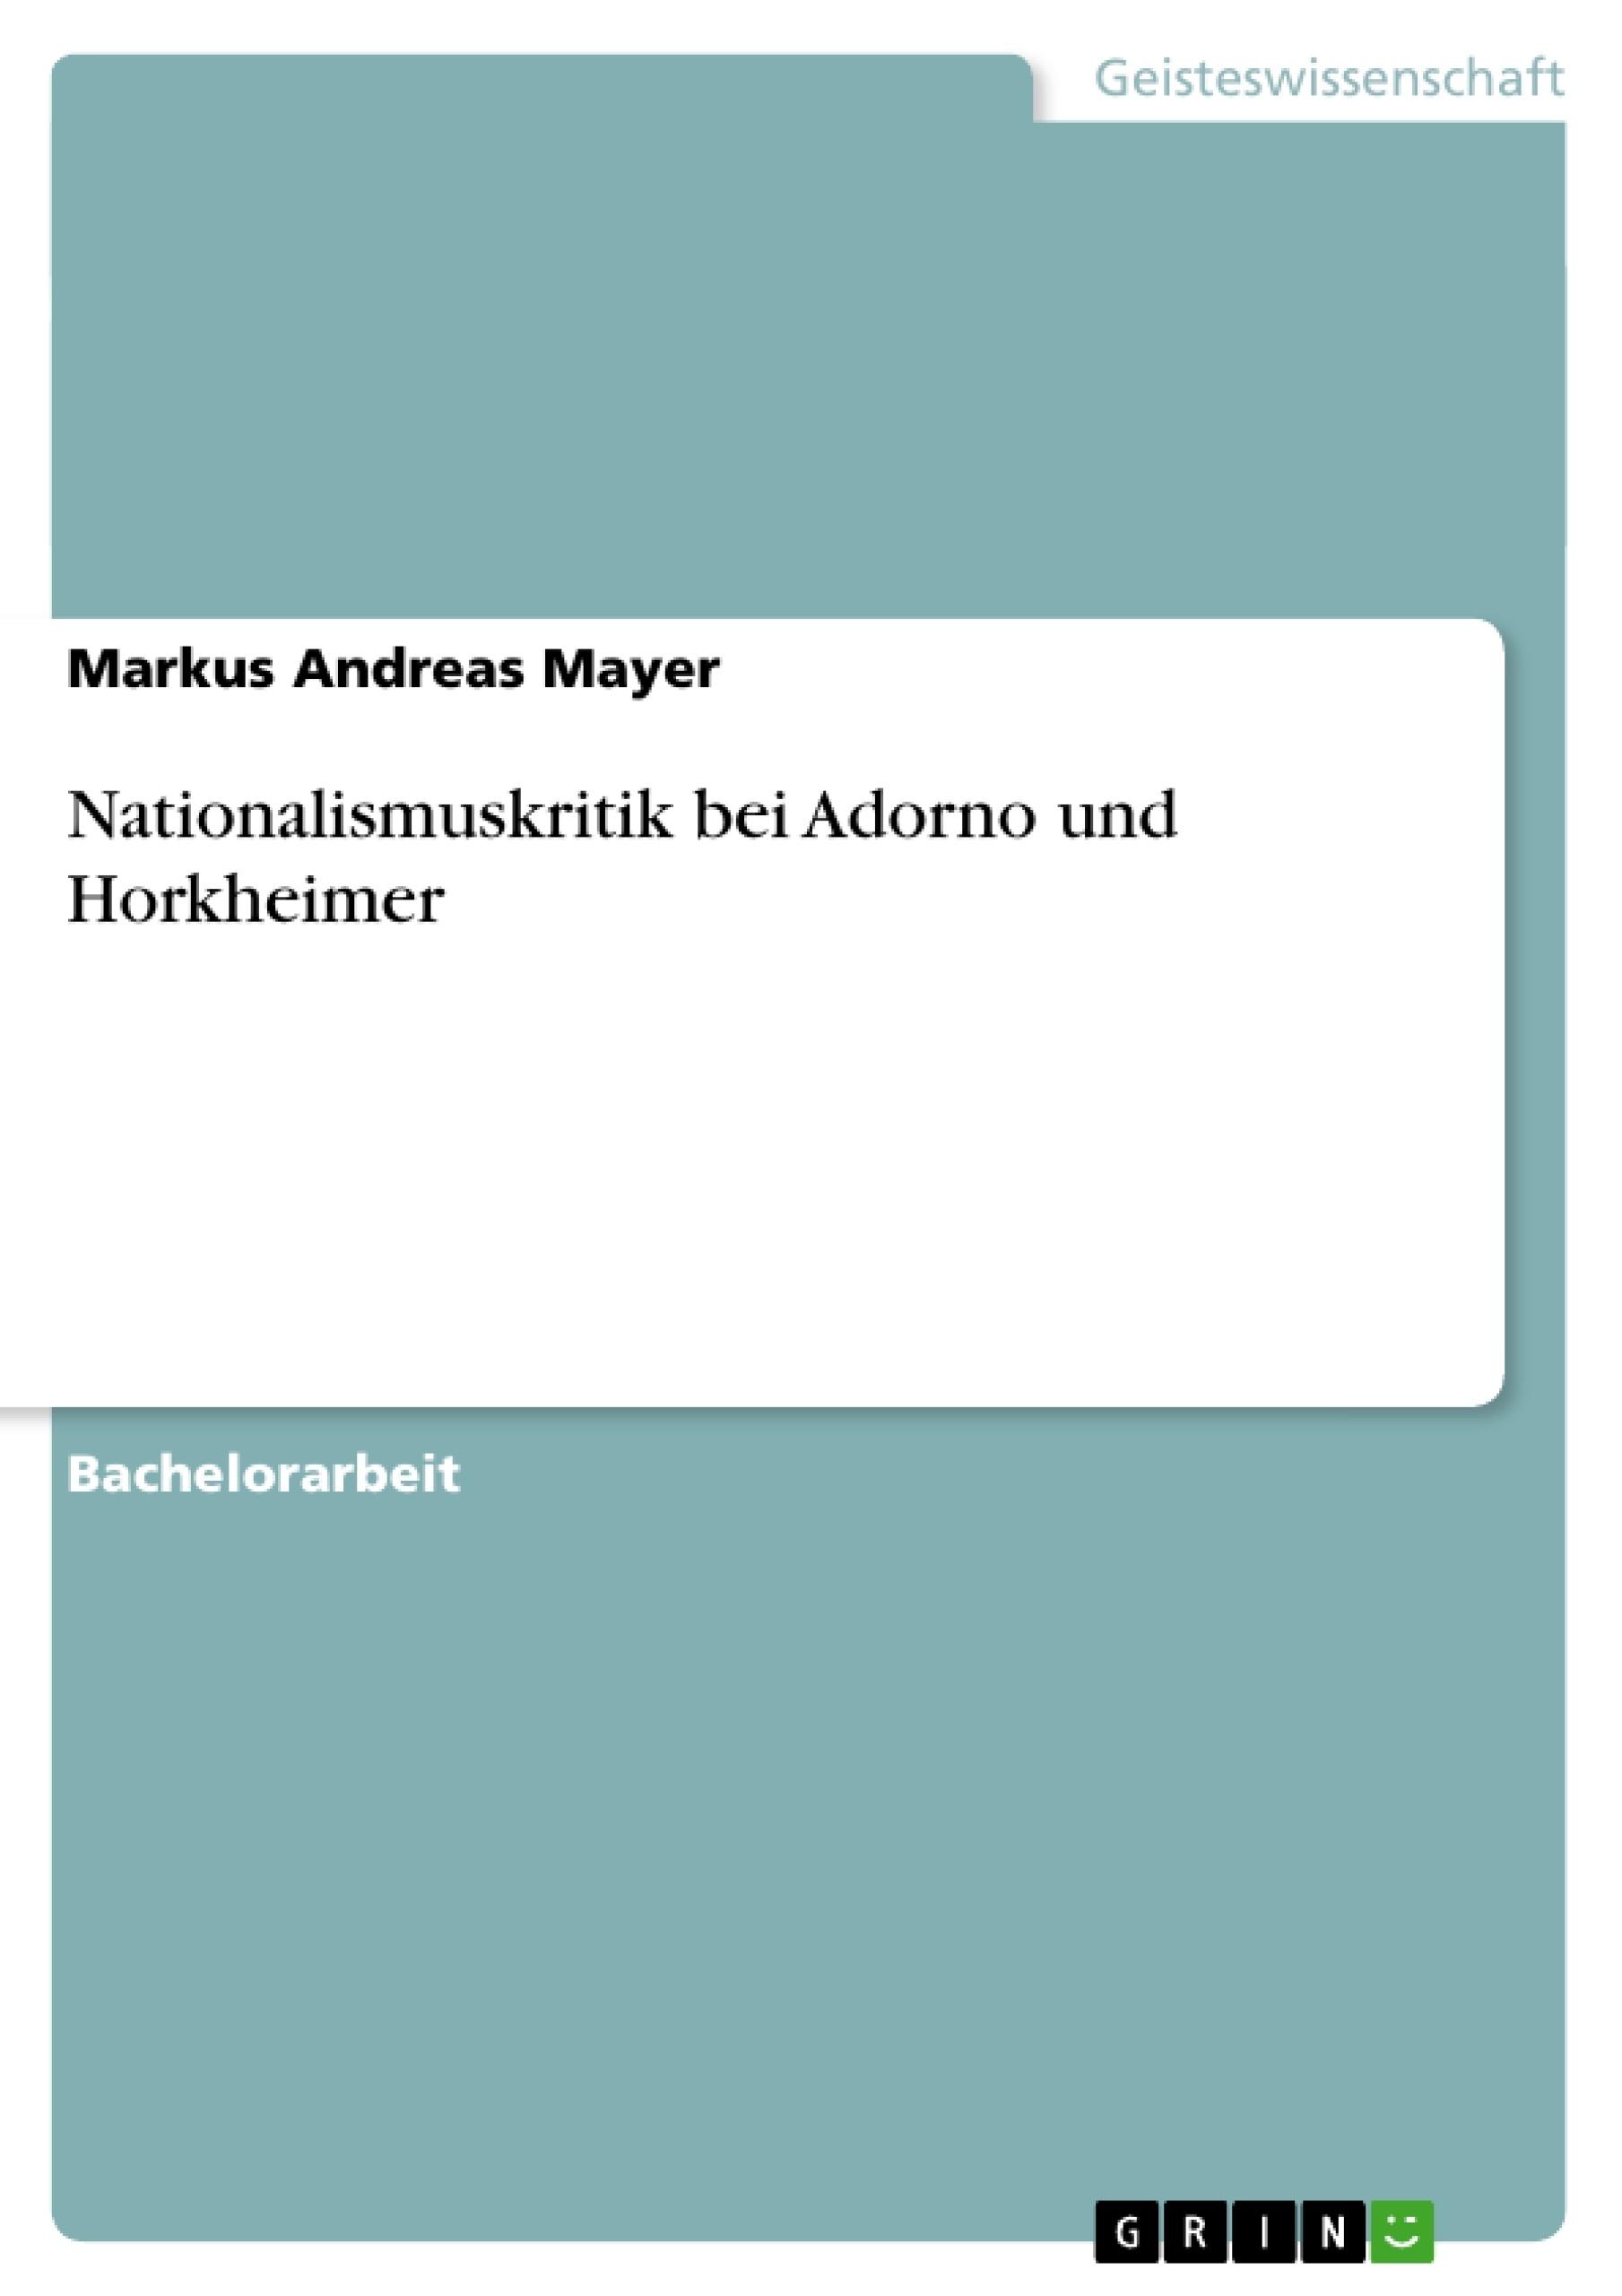 Titel: Nationalismuskritik bei Adorno und Horkheimer